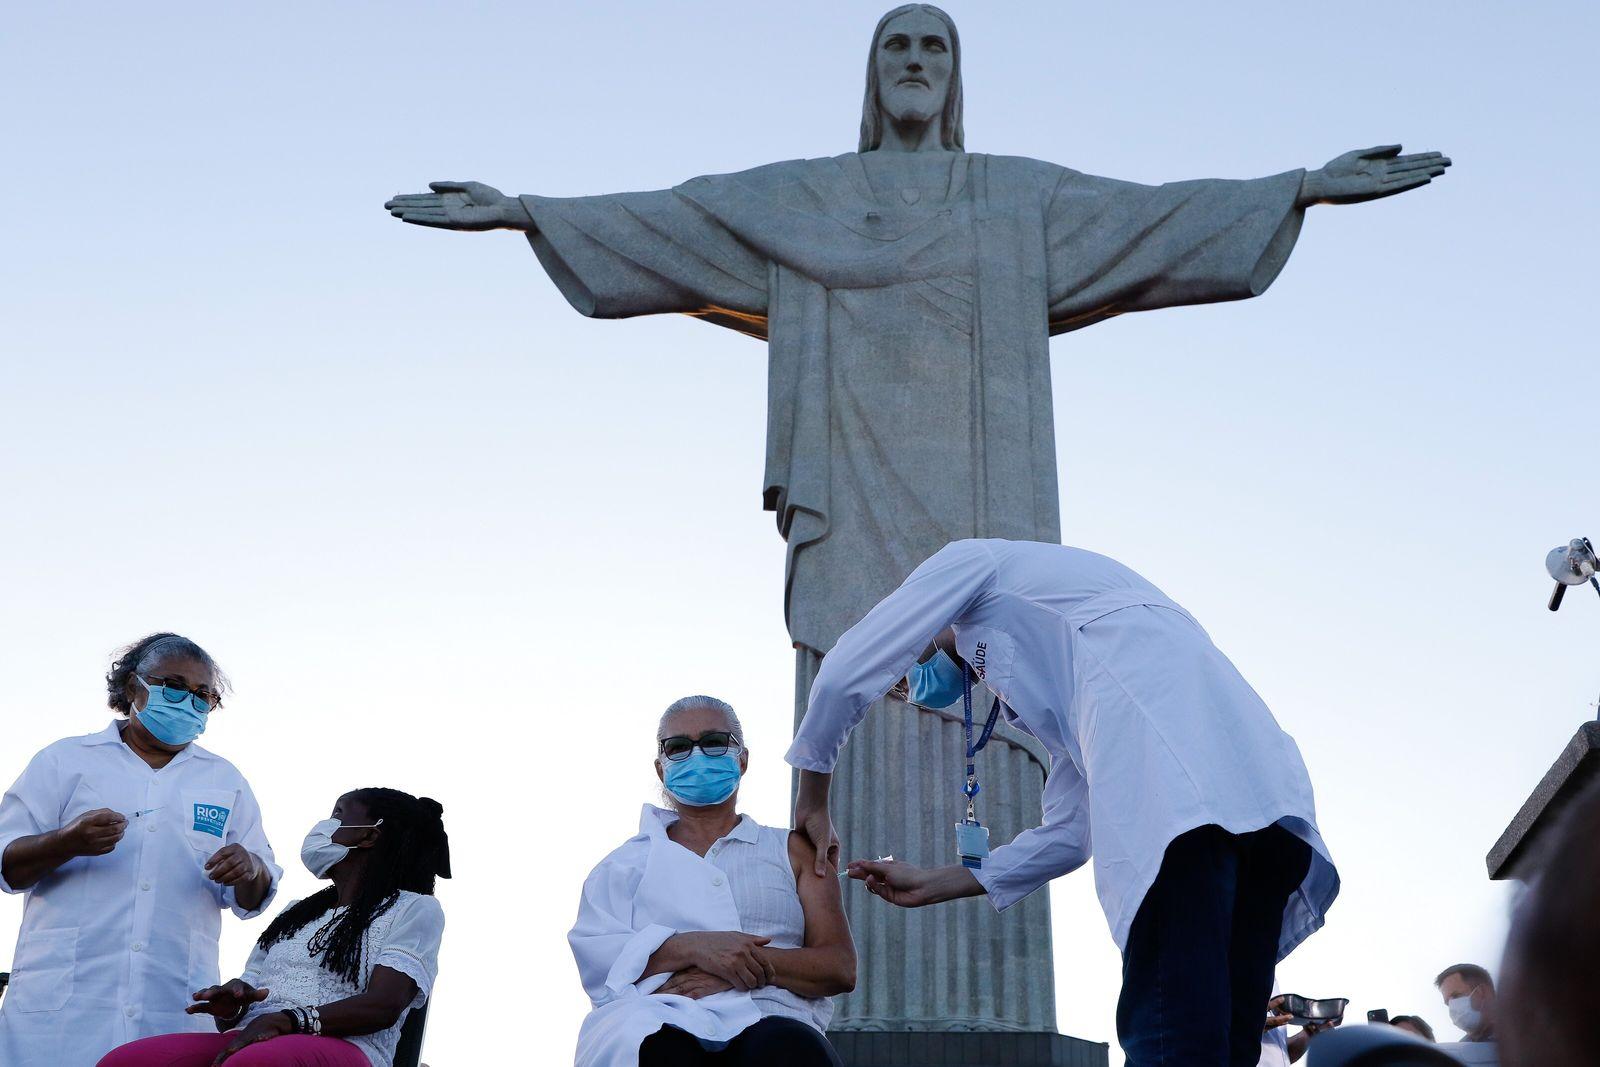 Temos vacina no Brasil, e agora? O que esperar da campanha de imunização